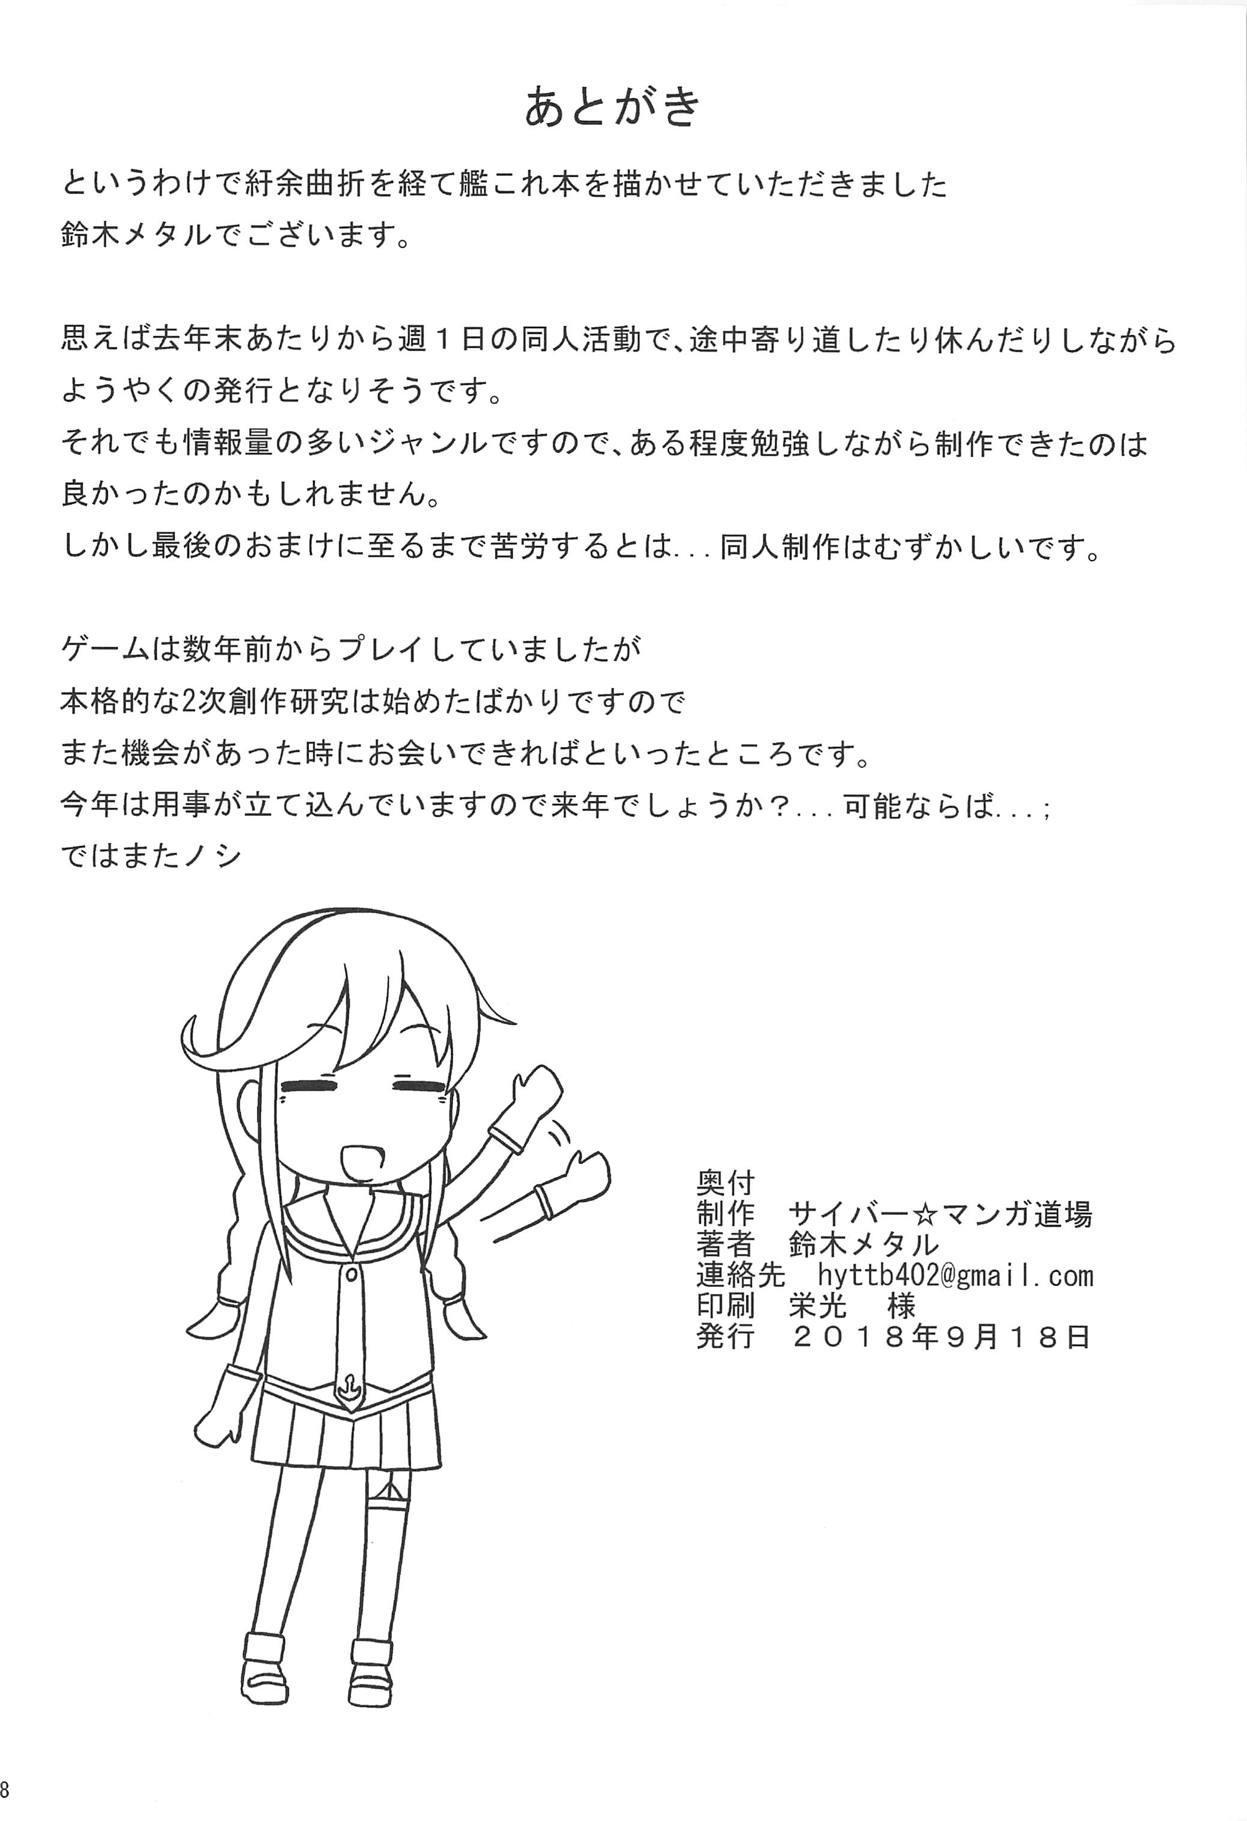 Koucha no Ato wa 26